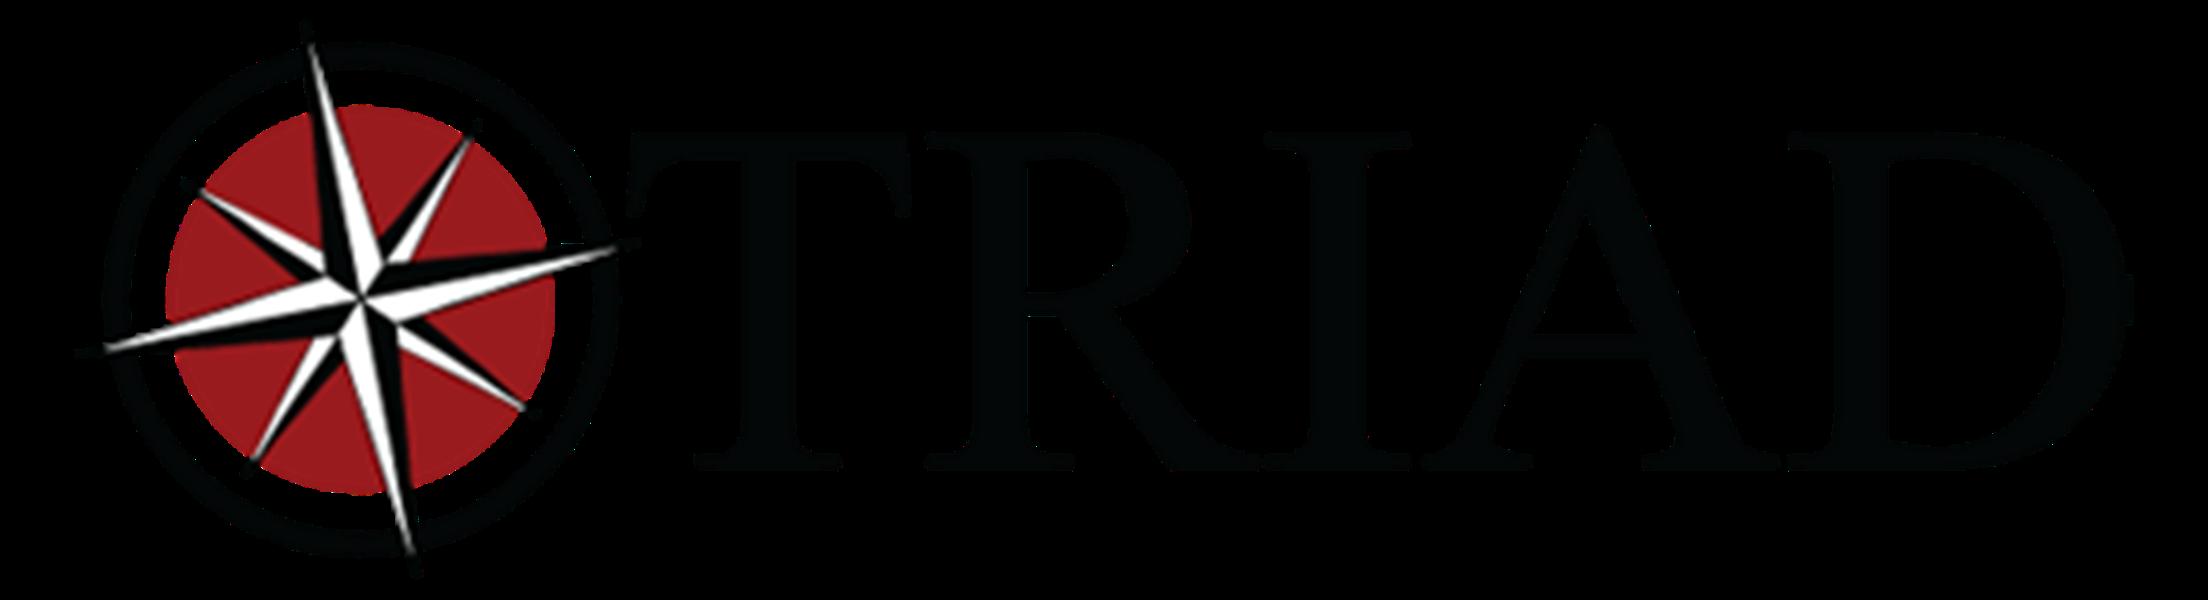 Triad Restoration Services